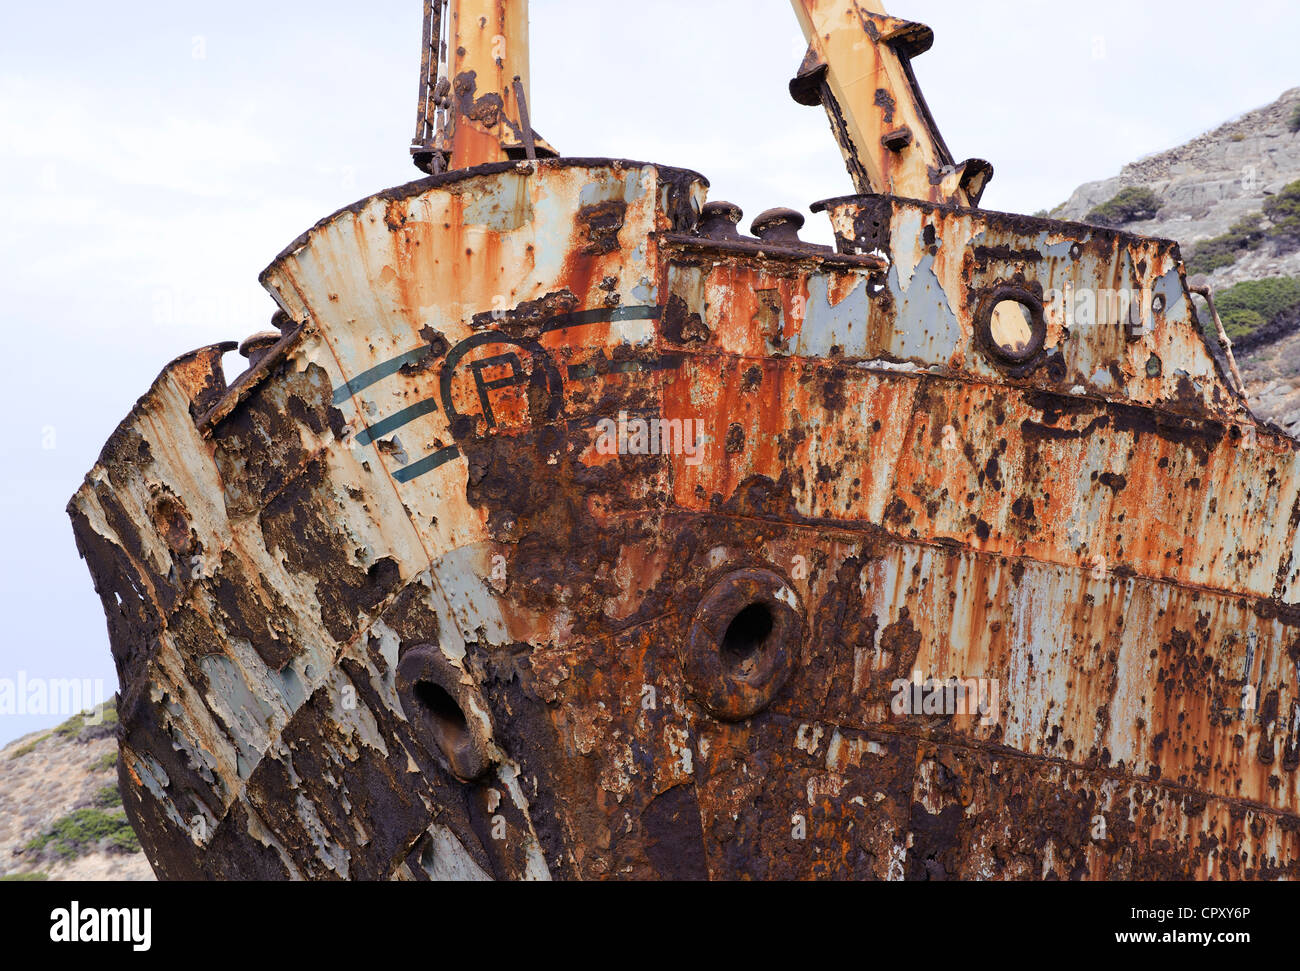 Bogen des Olympia, ein Frachtschiff in Ormos Liveros Creek auf Amorgos Insel, die östlichste Insel der griechischen Stockfoto